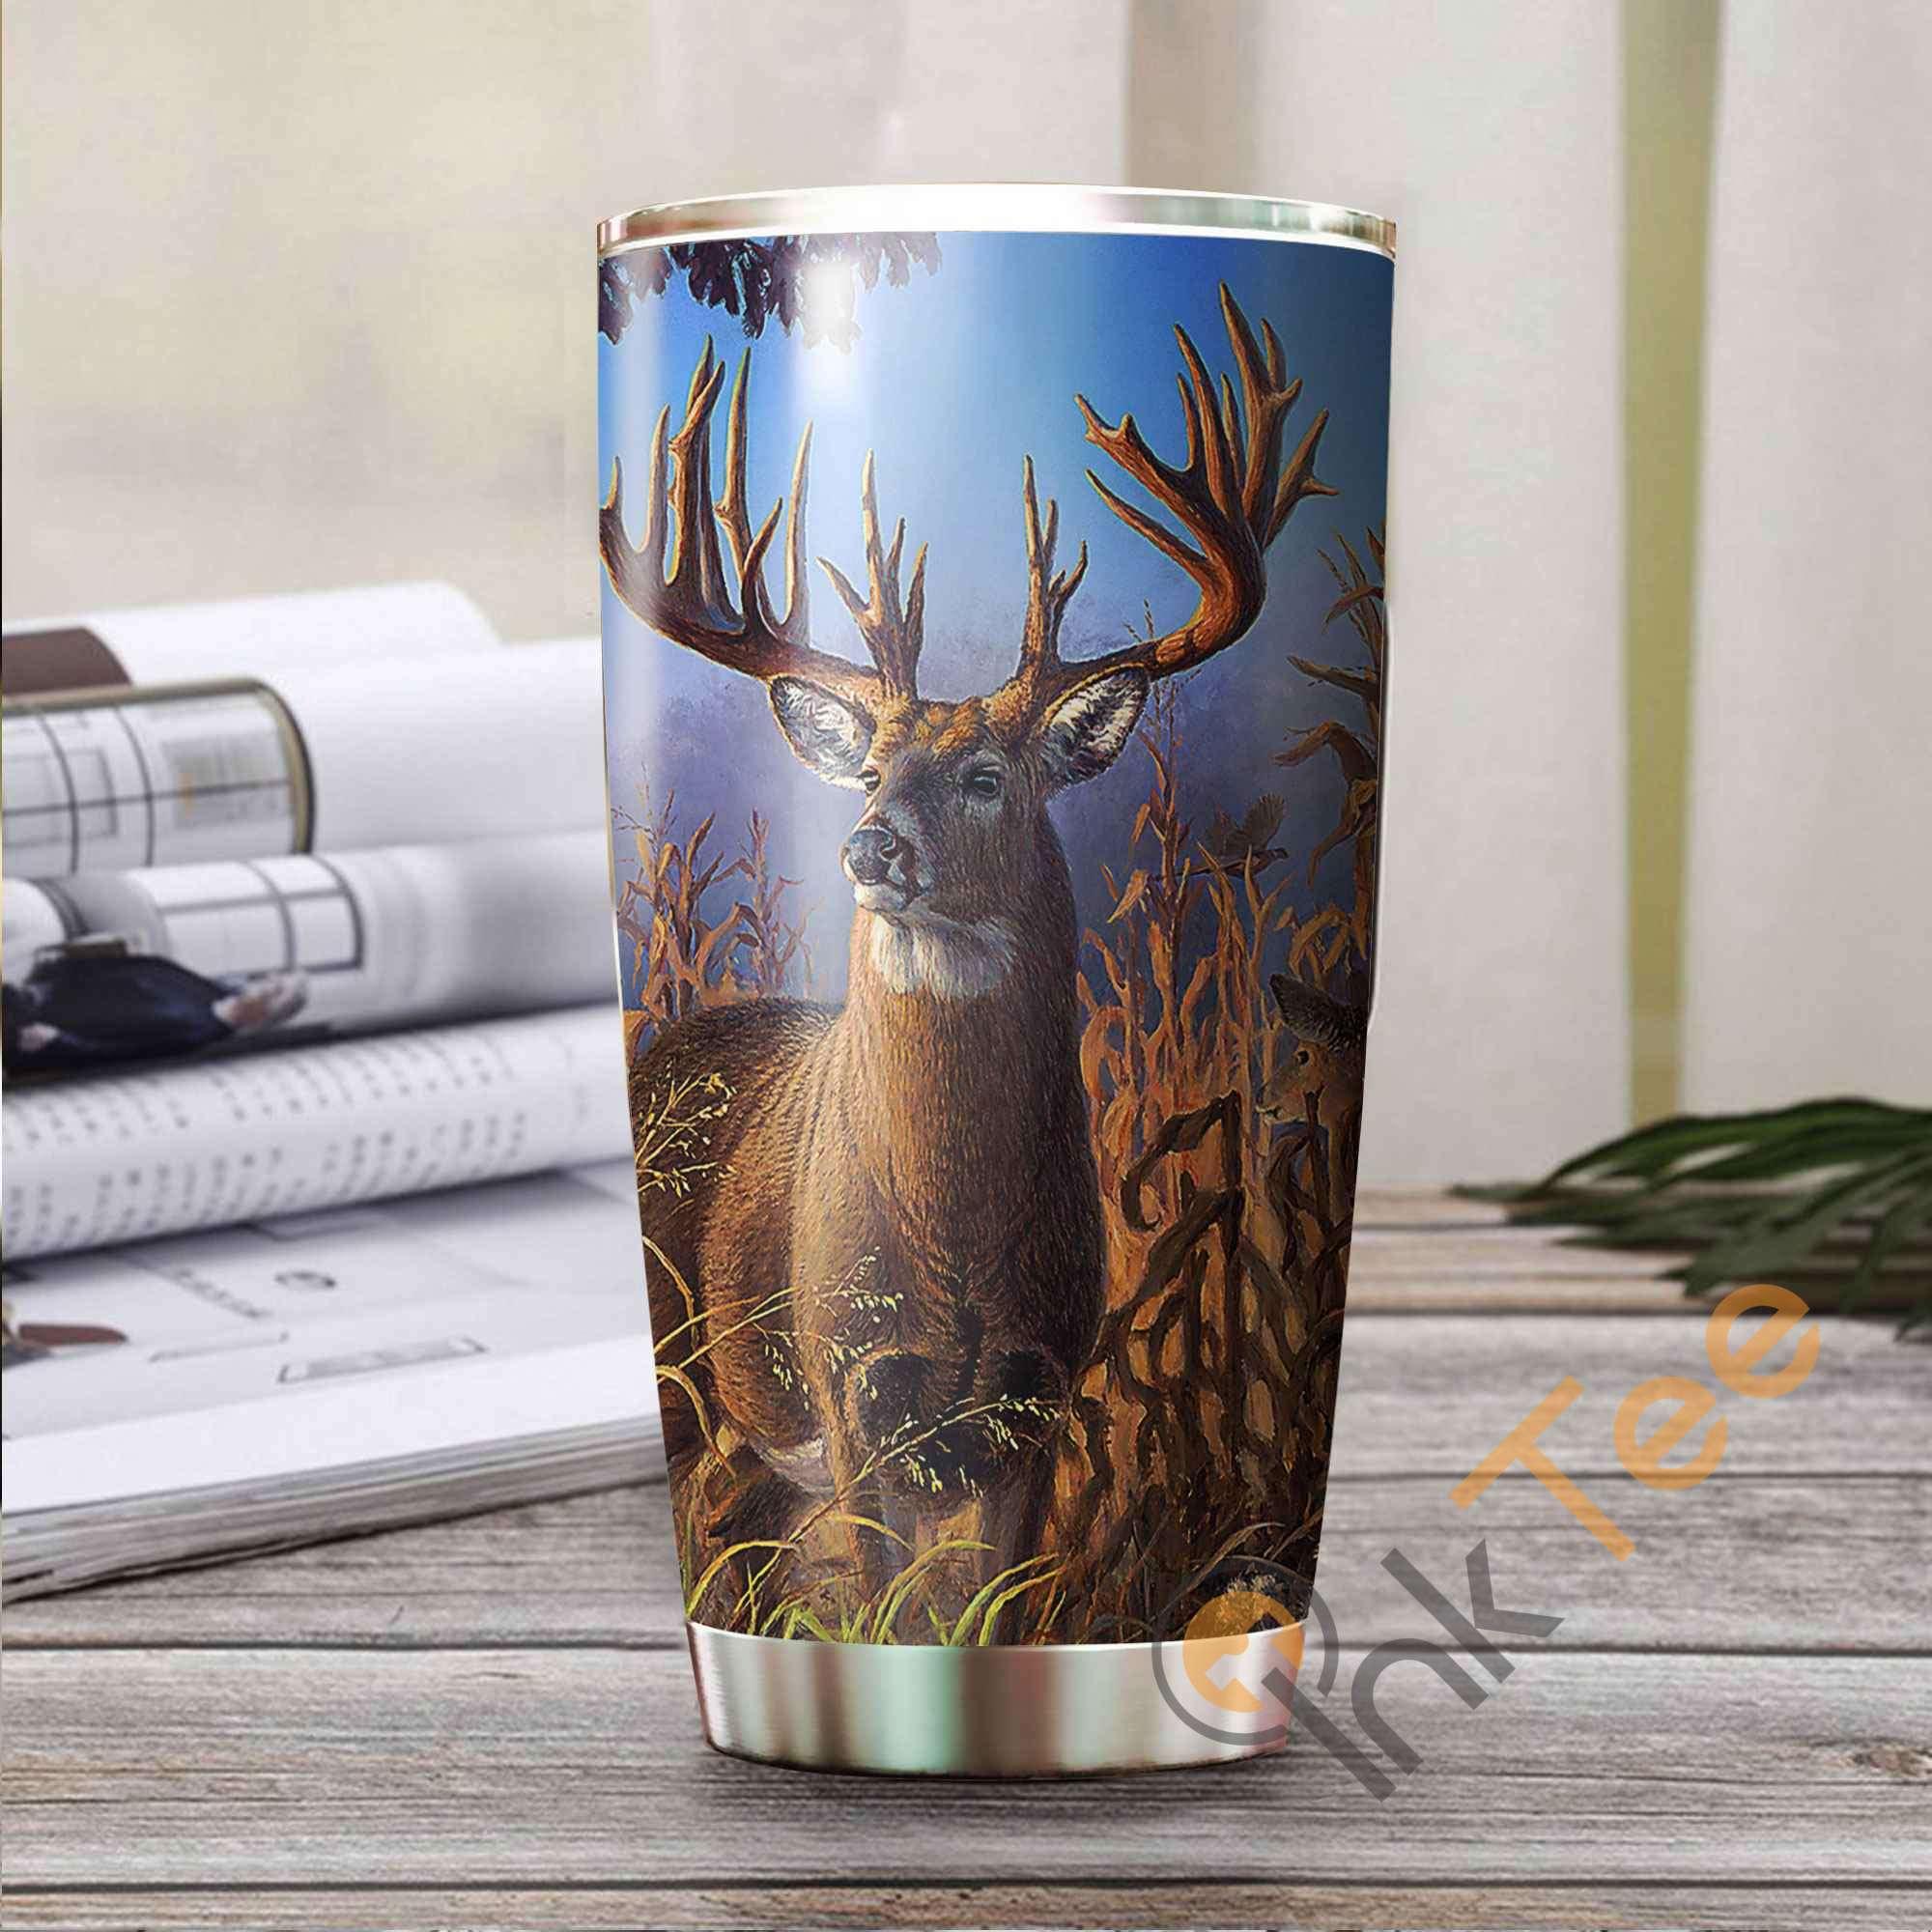 Hunting Deer Amazon Best Seller Sku 3108 Stainless Steel Tumbler